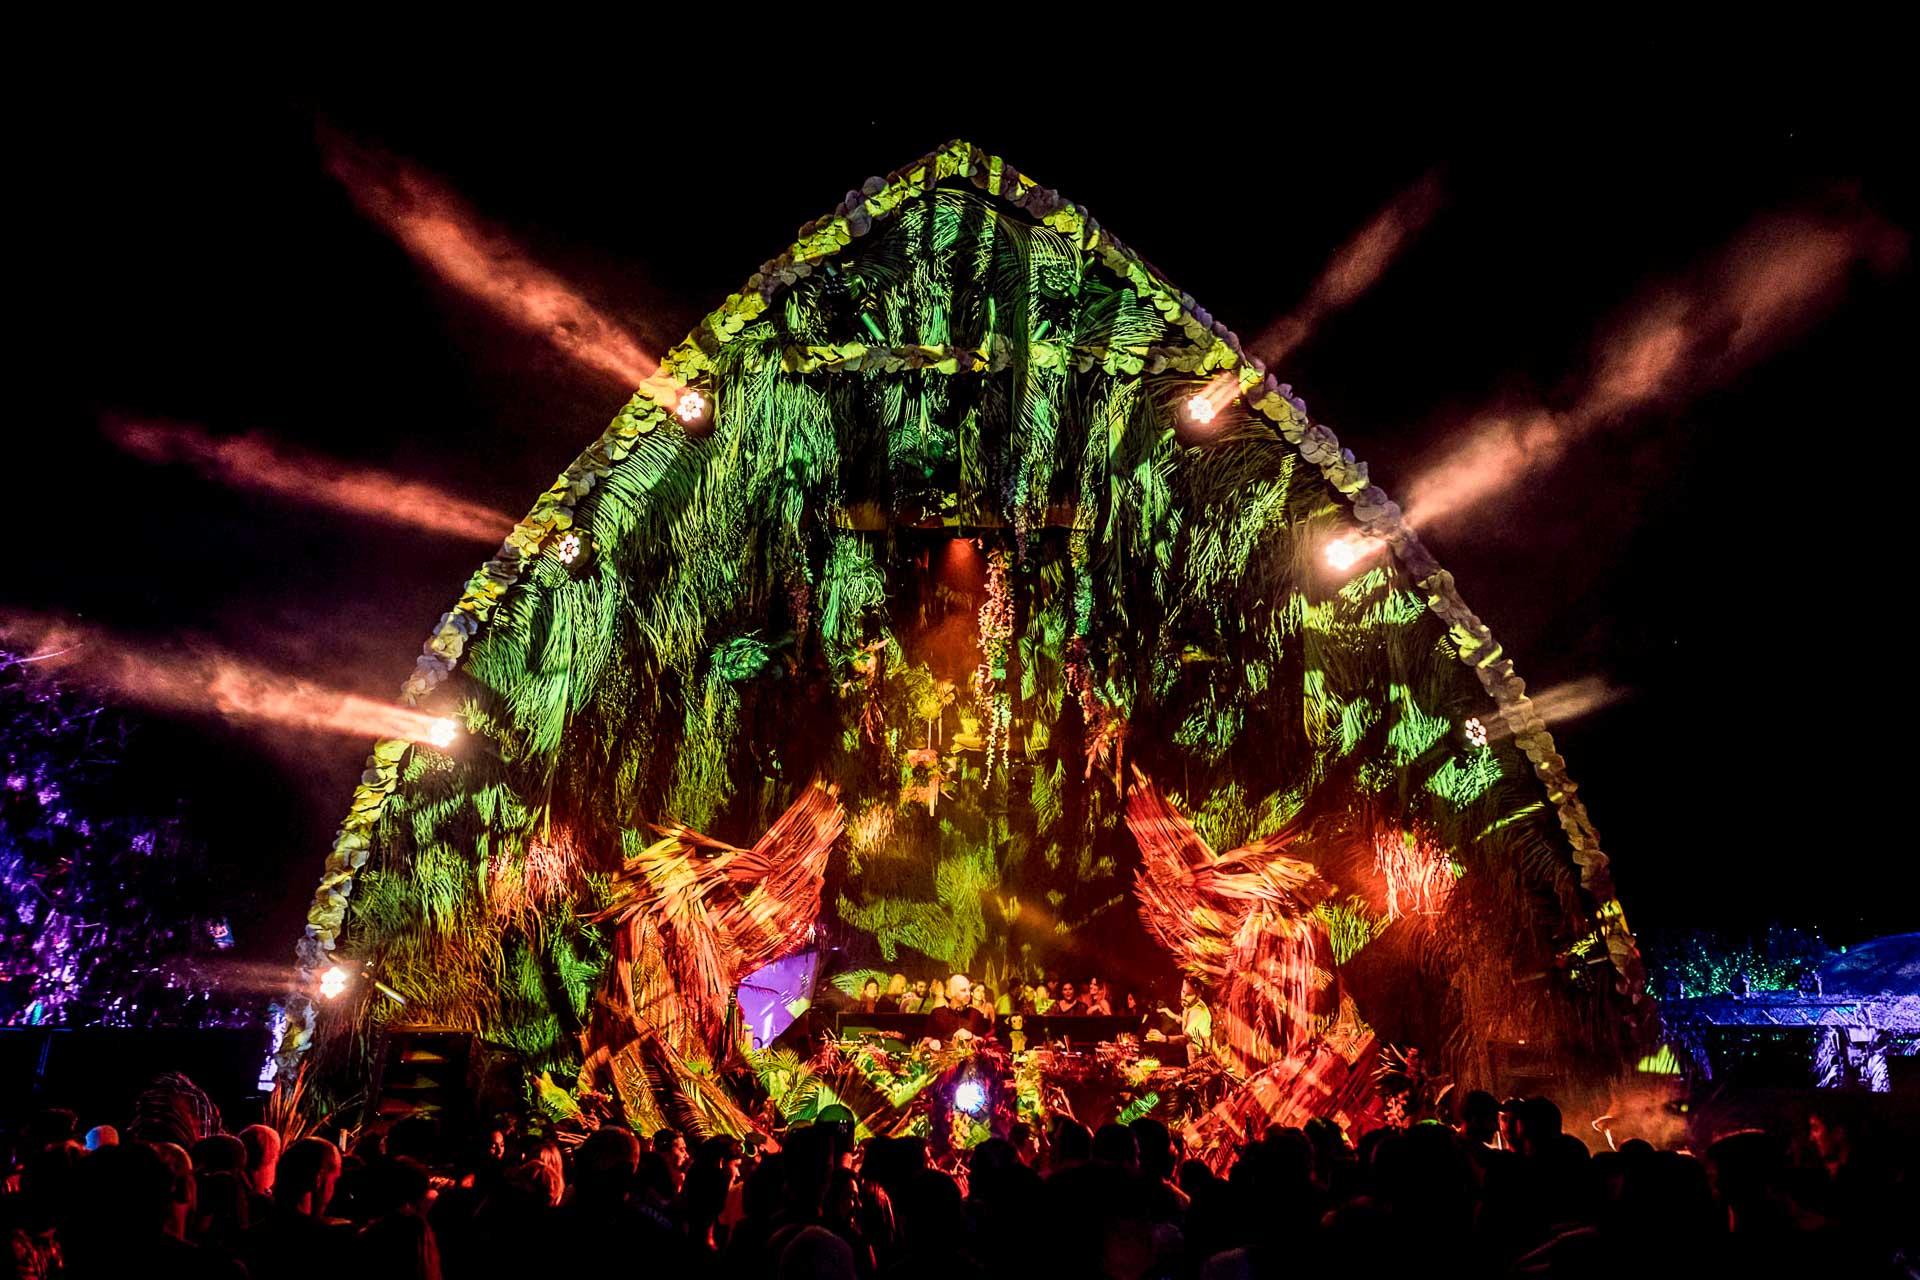 La quatrième édition du SXM Festival se déroulera du 11 au 15 mars prochain sur l'île de Saint-Martin. Le « plus beau festival du monde » promet une nouvelle fois d'être l'événement dédié aux musiques électroniques le plus excitant du printemps.